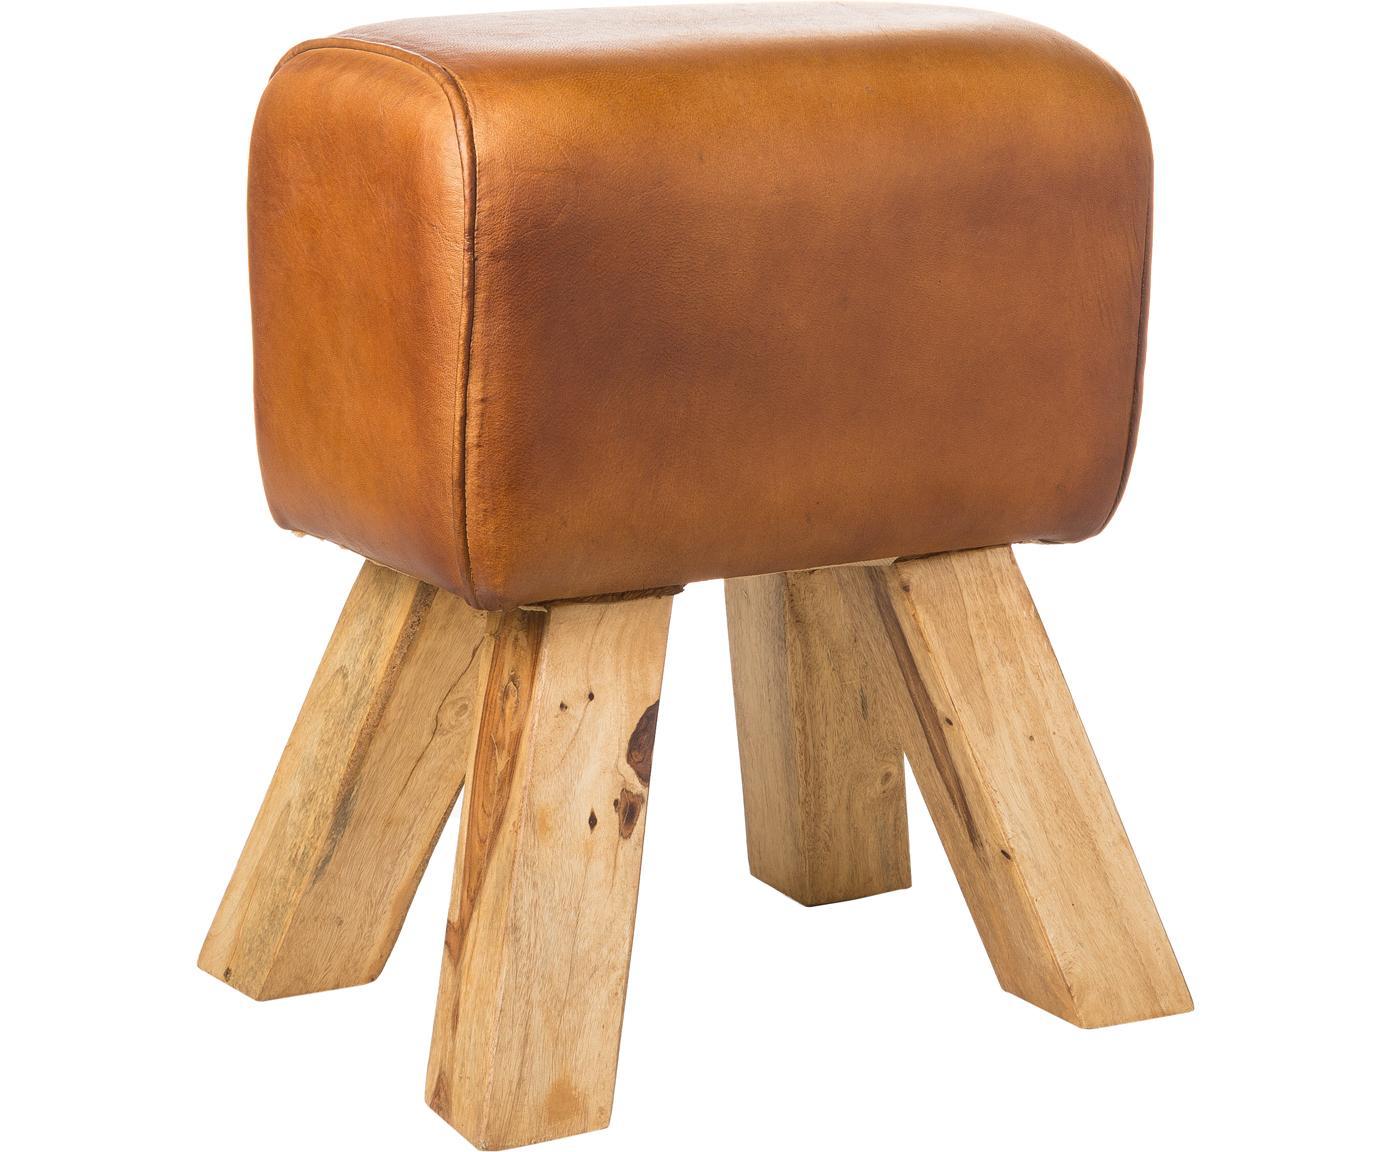 Taburete de cuero Tim, estilo vintage, Patas: Madera de mango maciza, c, Tapizado: piel de cabra con aparien, Bayo, An 40 x Al 47 cm